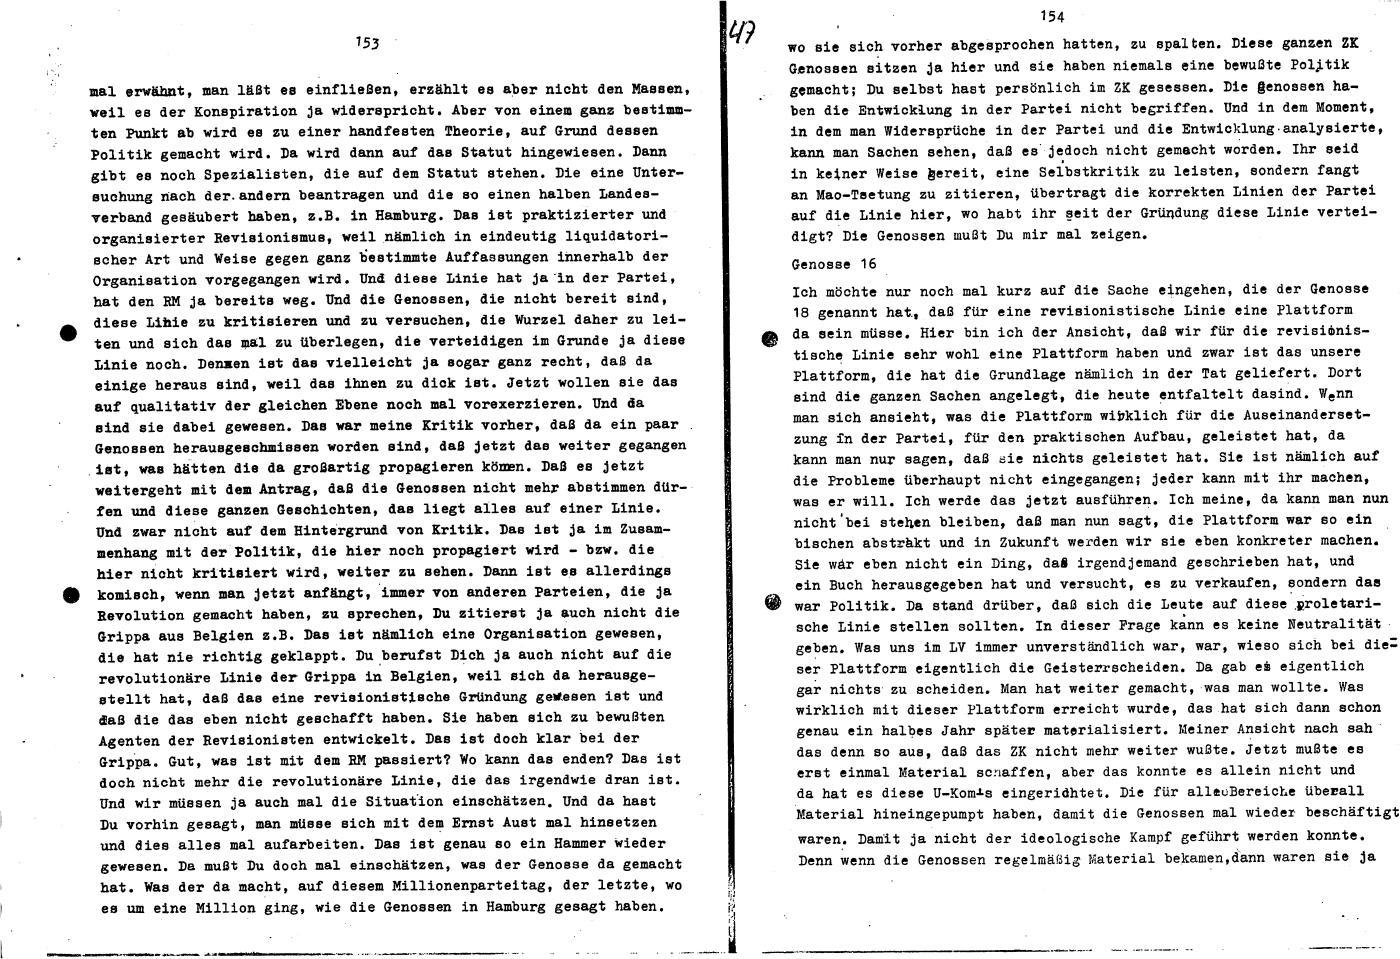 KPDML_1971_Wortprotokolle_aoPt_111